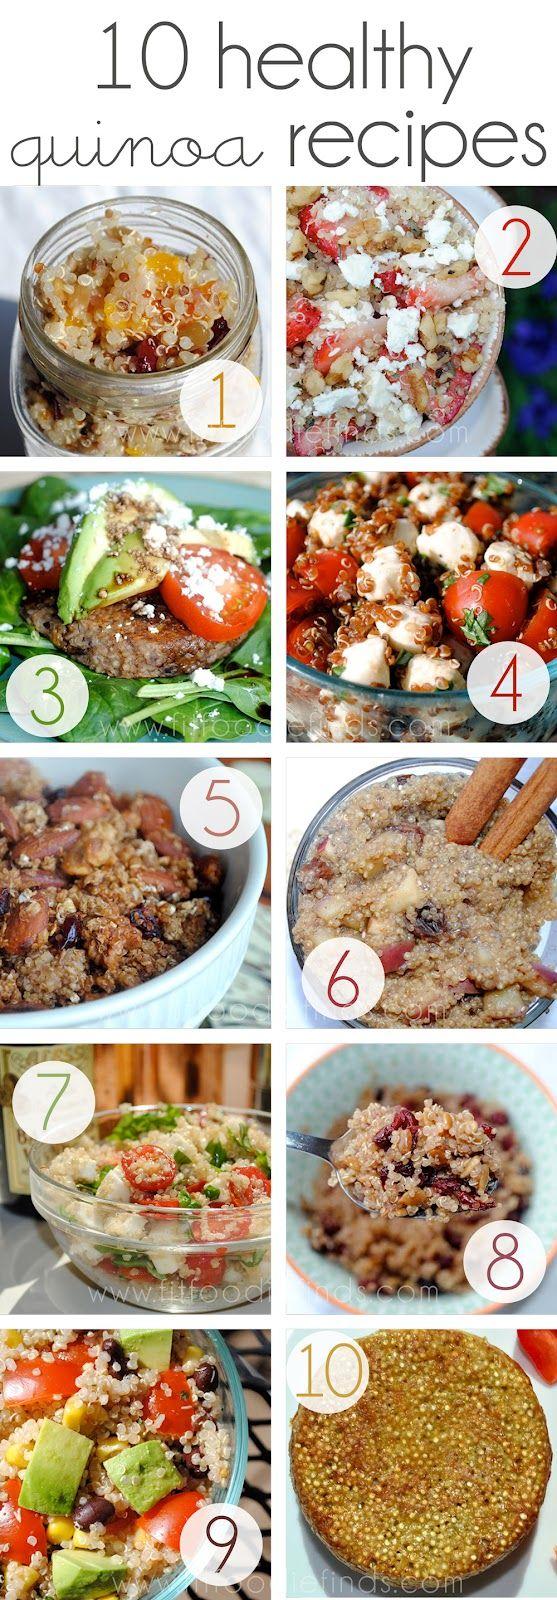 10 healthy quinoa recipes